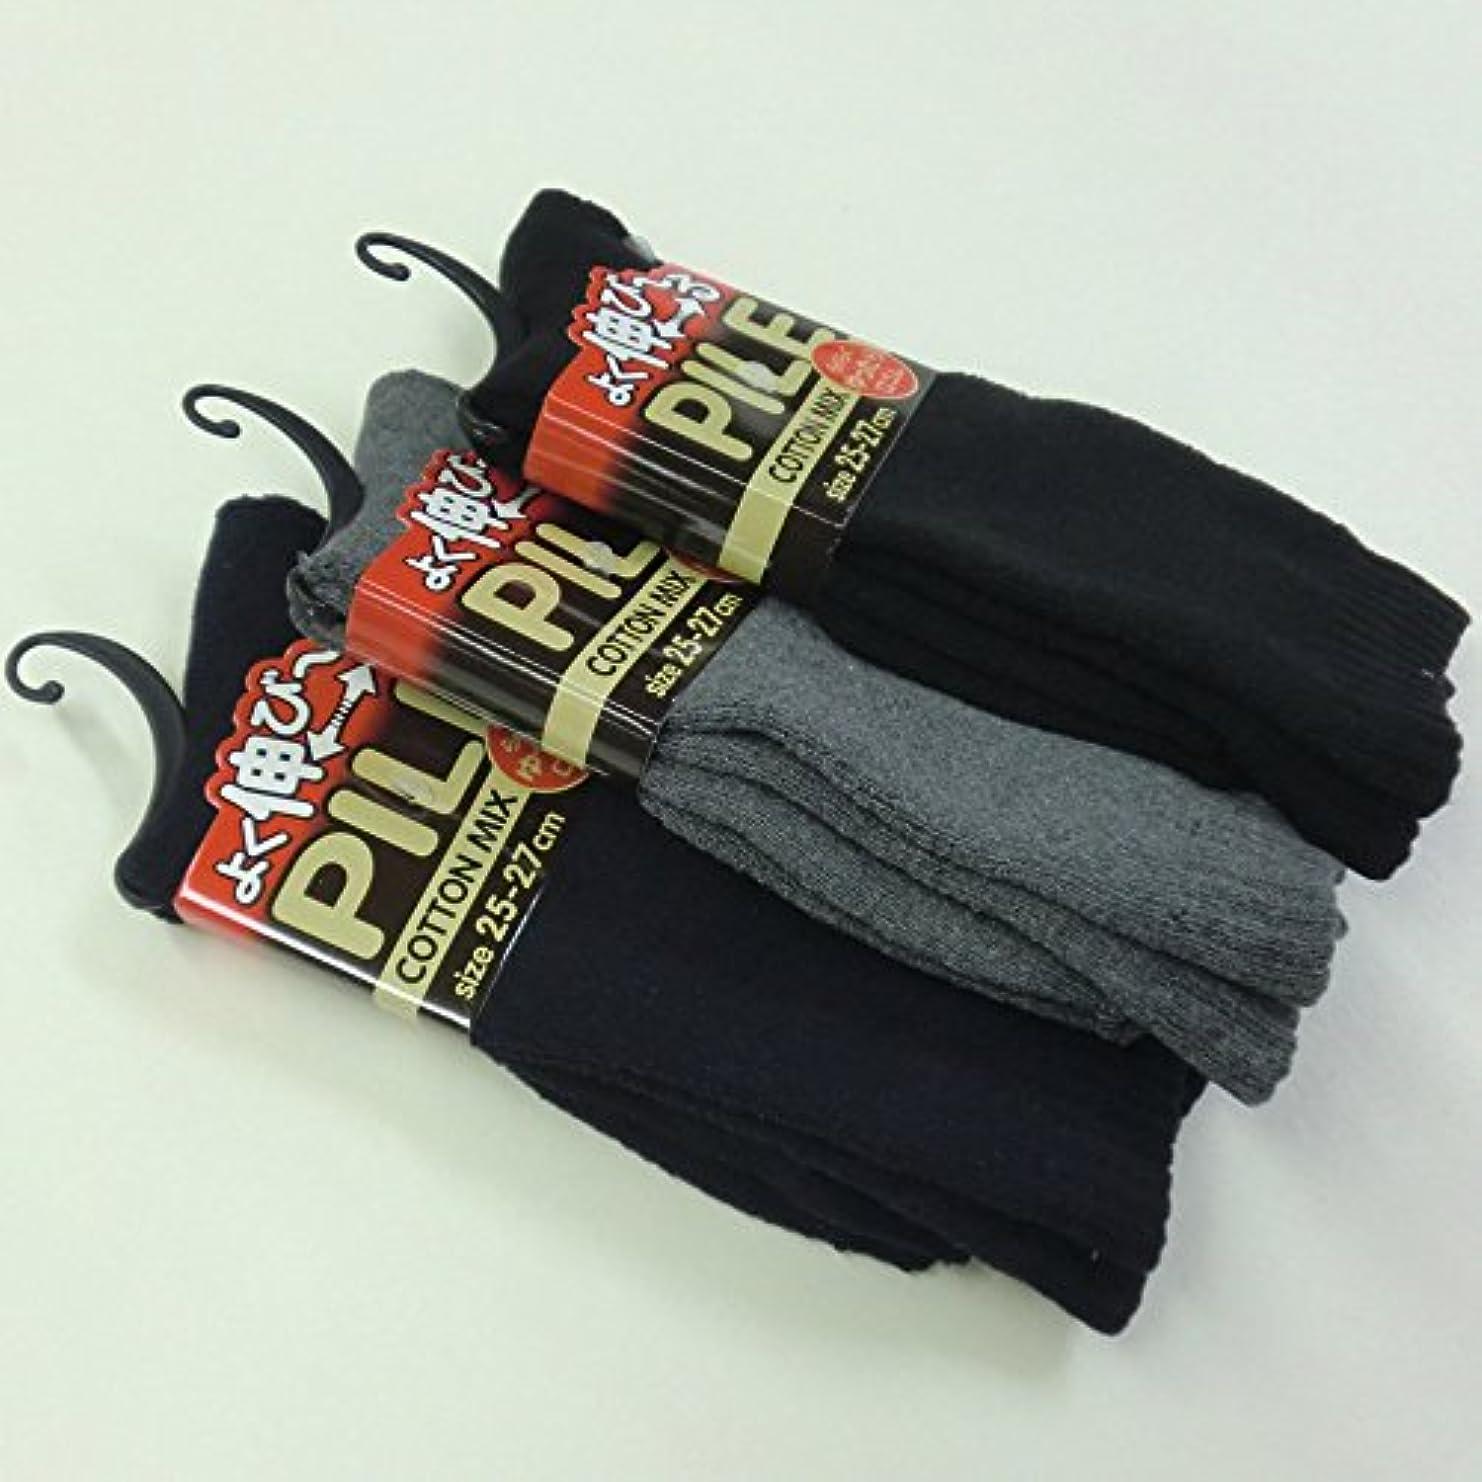 モロニック慣らす既婚靴下 あったか メンズ 綿混 パイルソックス 厚手 25-27cm 3足組(色はお任せ)